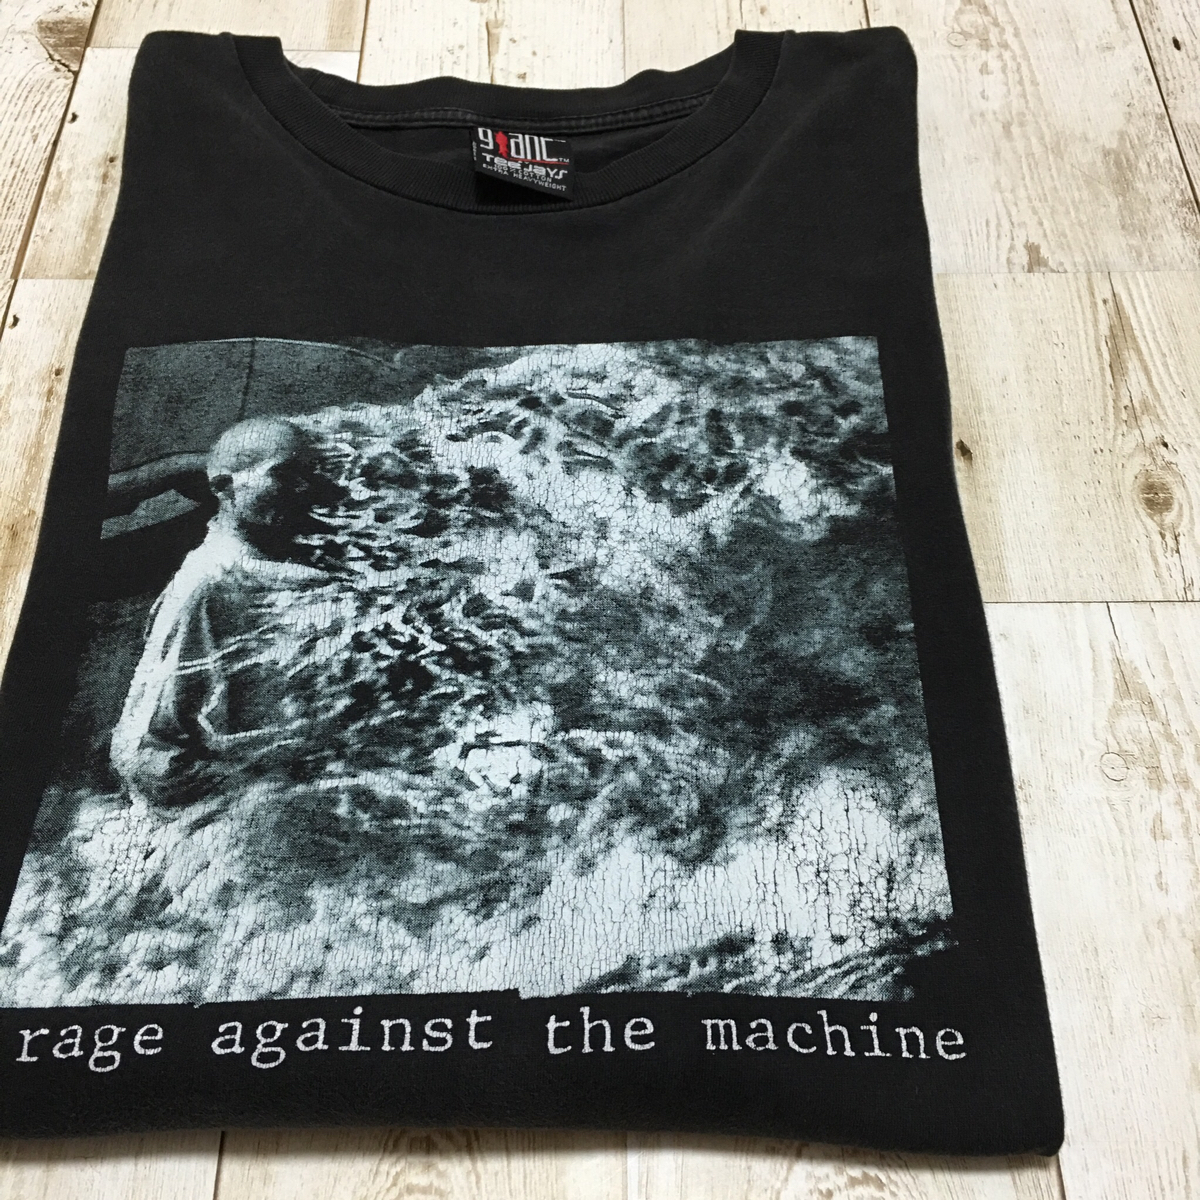 90年代 ヴィンテージ rage against the machine 初期 1st アルバム ロンT レイジ アゲインスト ザ マシーン レイジ